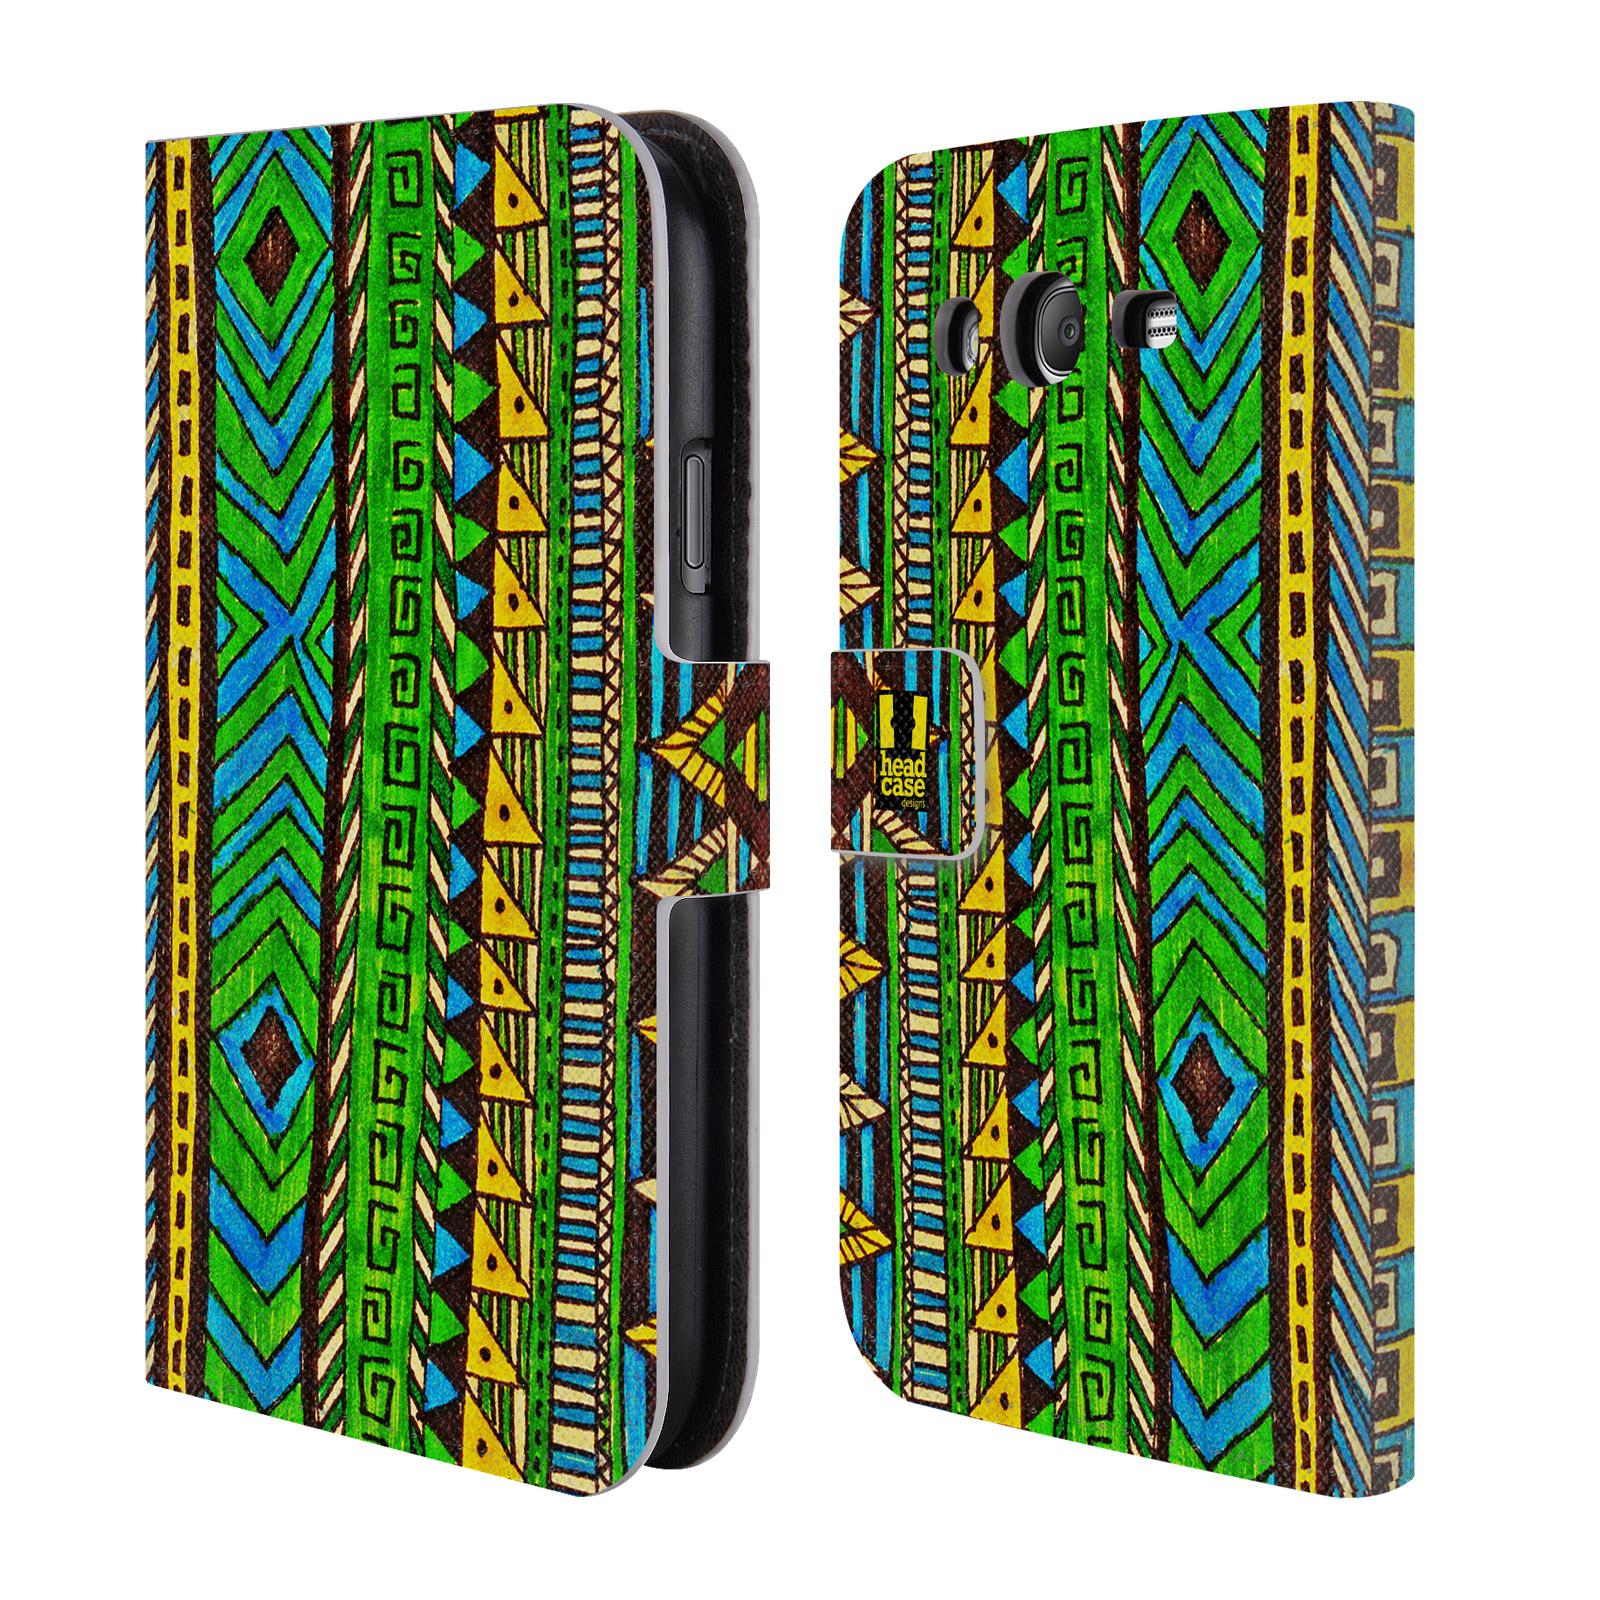 HEAD CASE Flipové pouzdro pro mobil Samsung Galaxy Grand i9080 Barevná aztécká čmáranice zelená